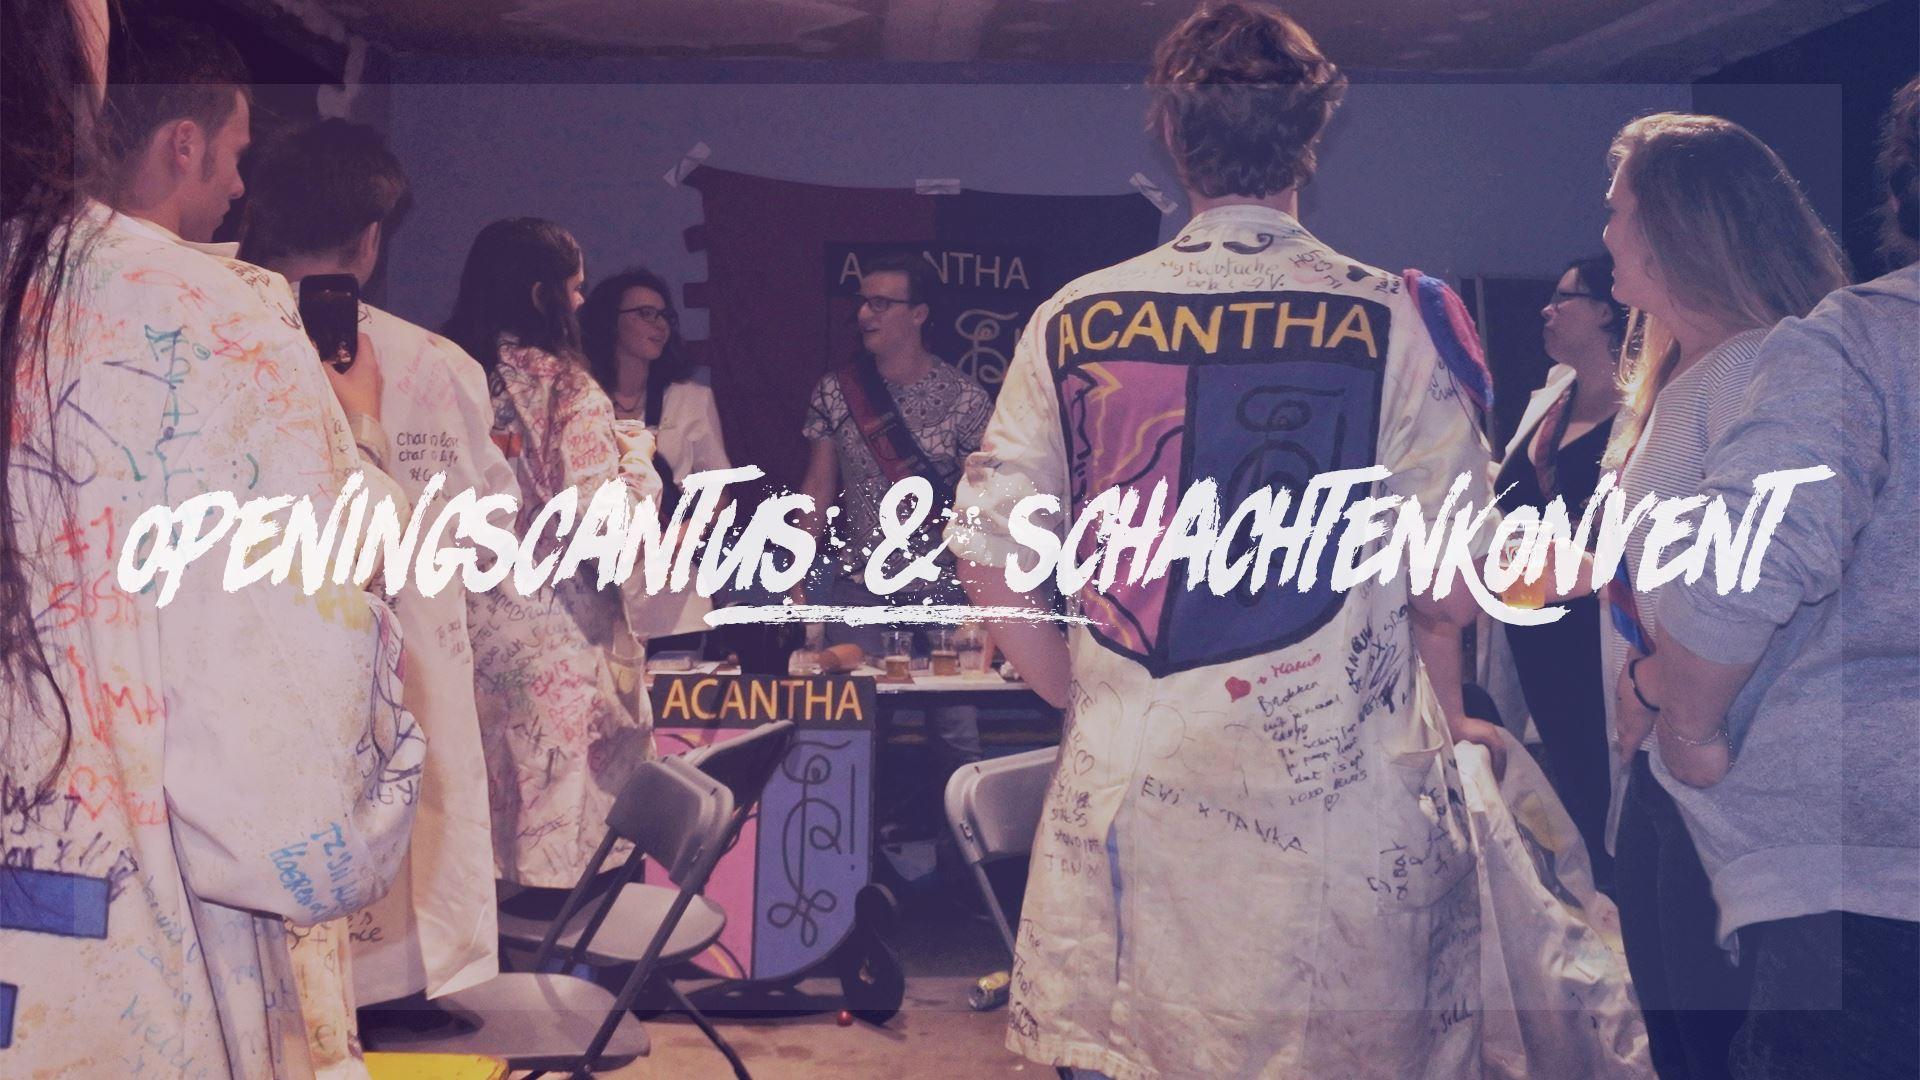 Openingscantus & schachtenkonvent Acantha